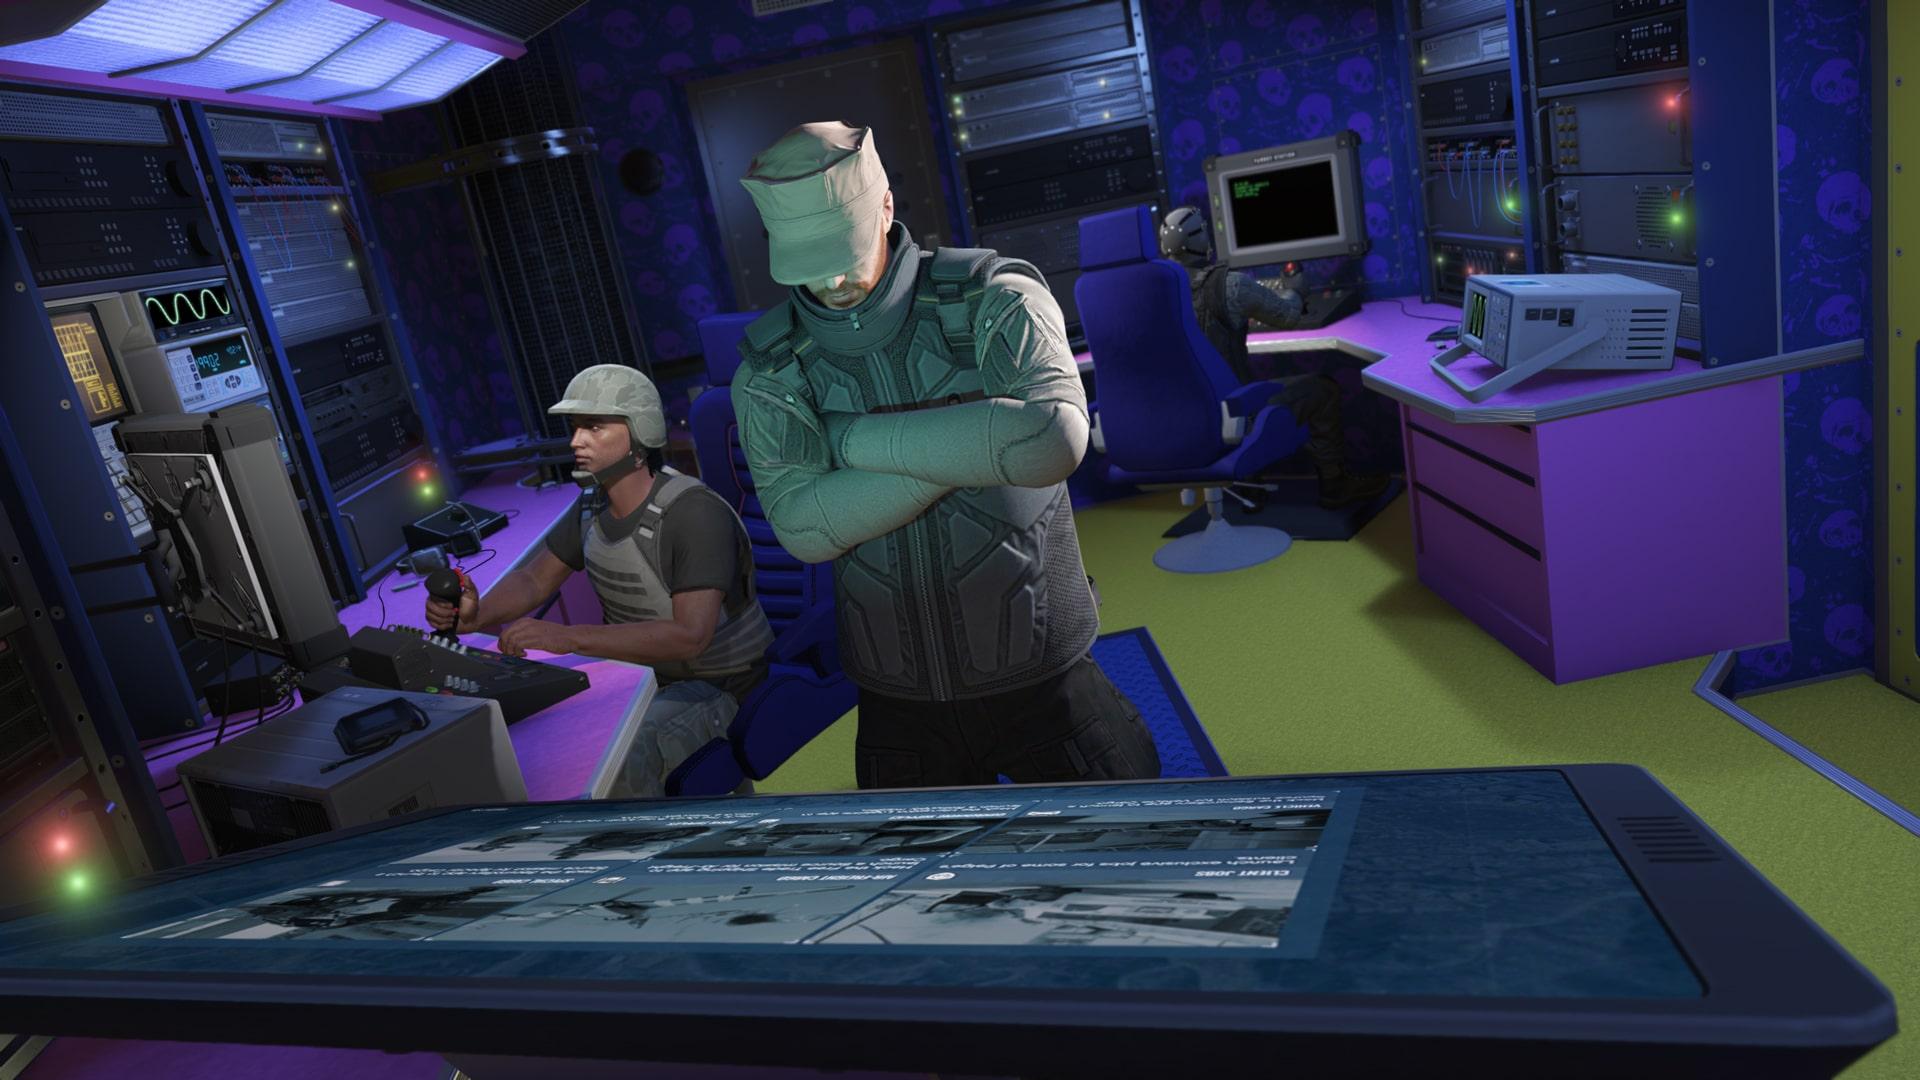 GTAV_AfterHours_006-GamersRD